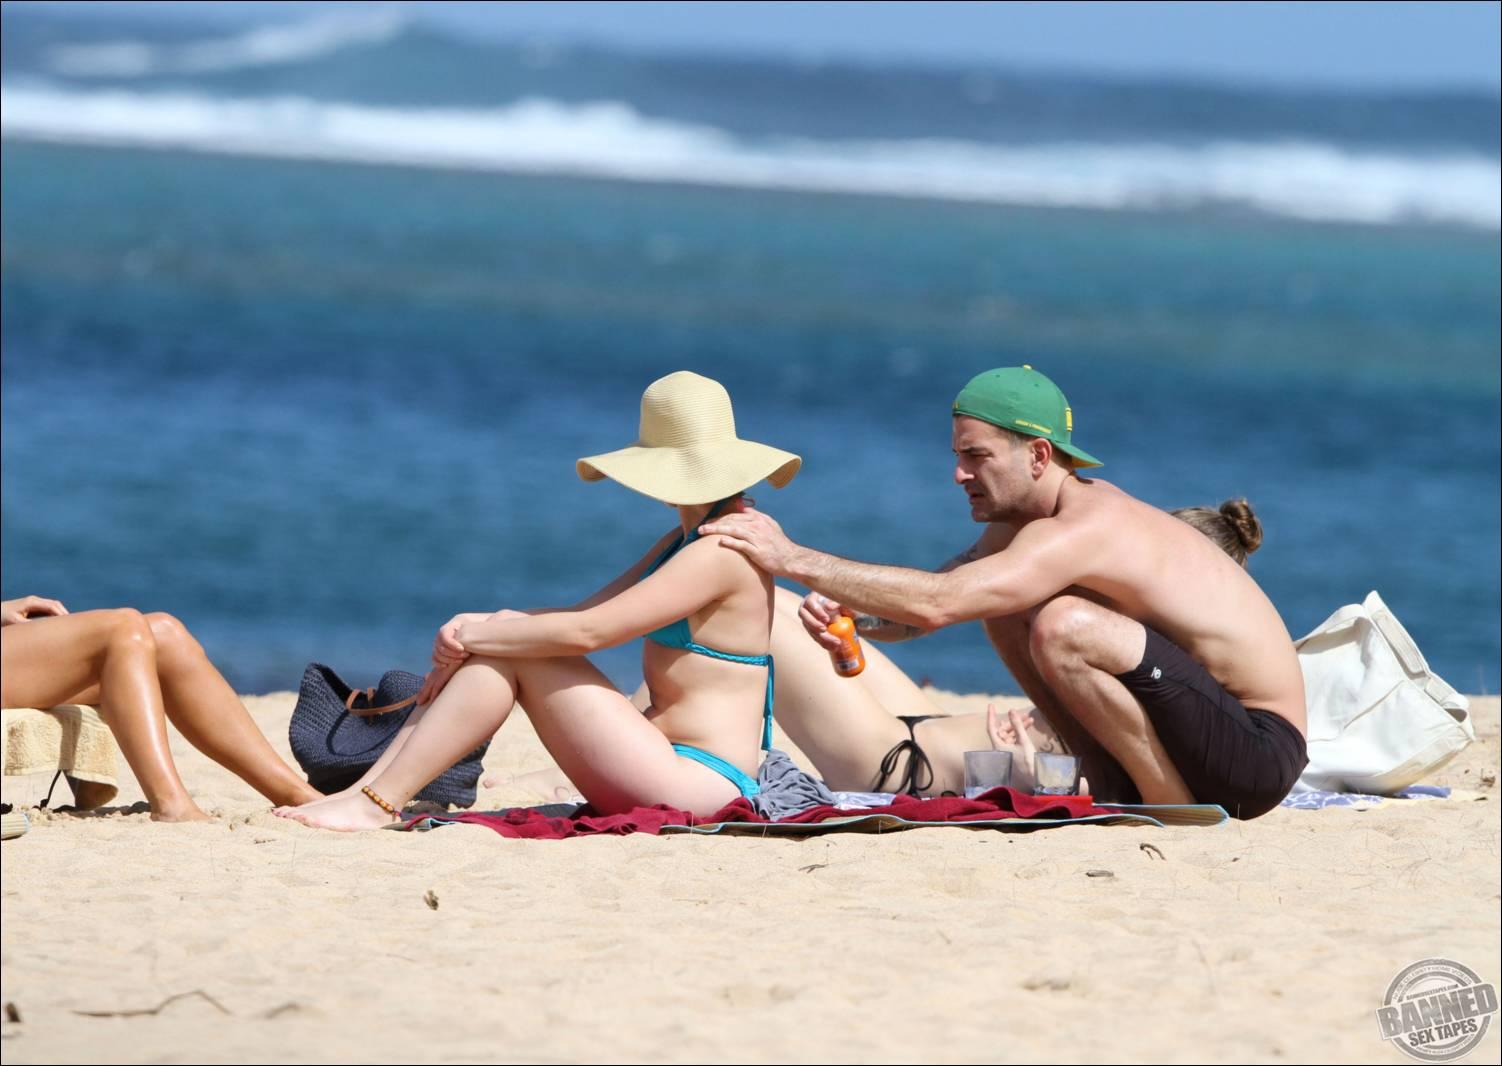 Смотреть секс на пляже, Трахнул на пляже -видео. Смотреть Трахнул на 10 фотография